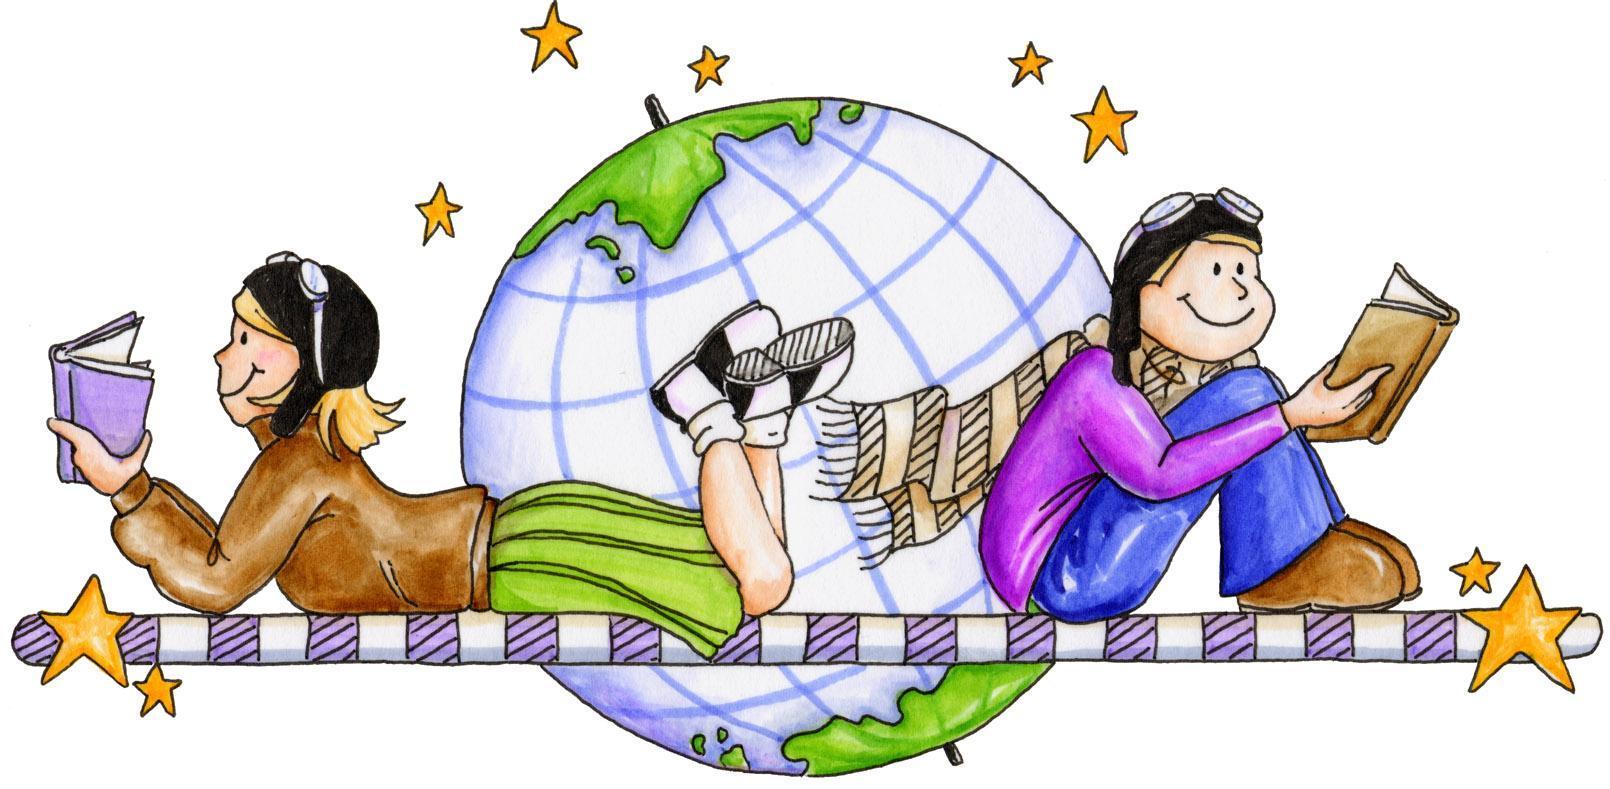 Children around the world reading